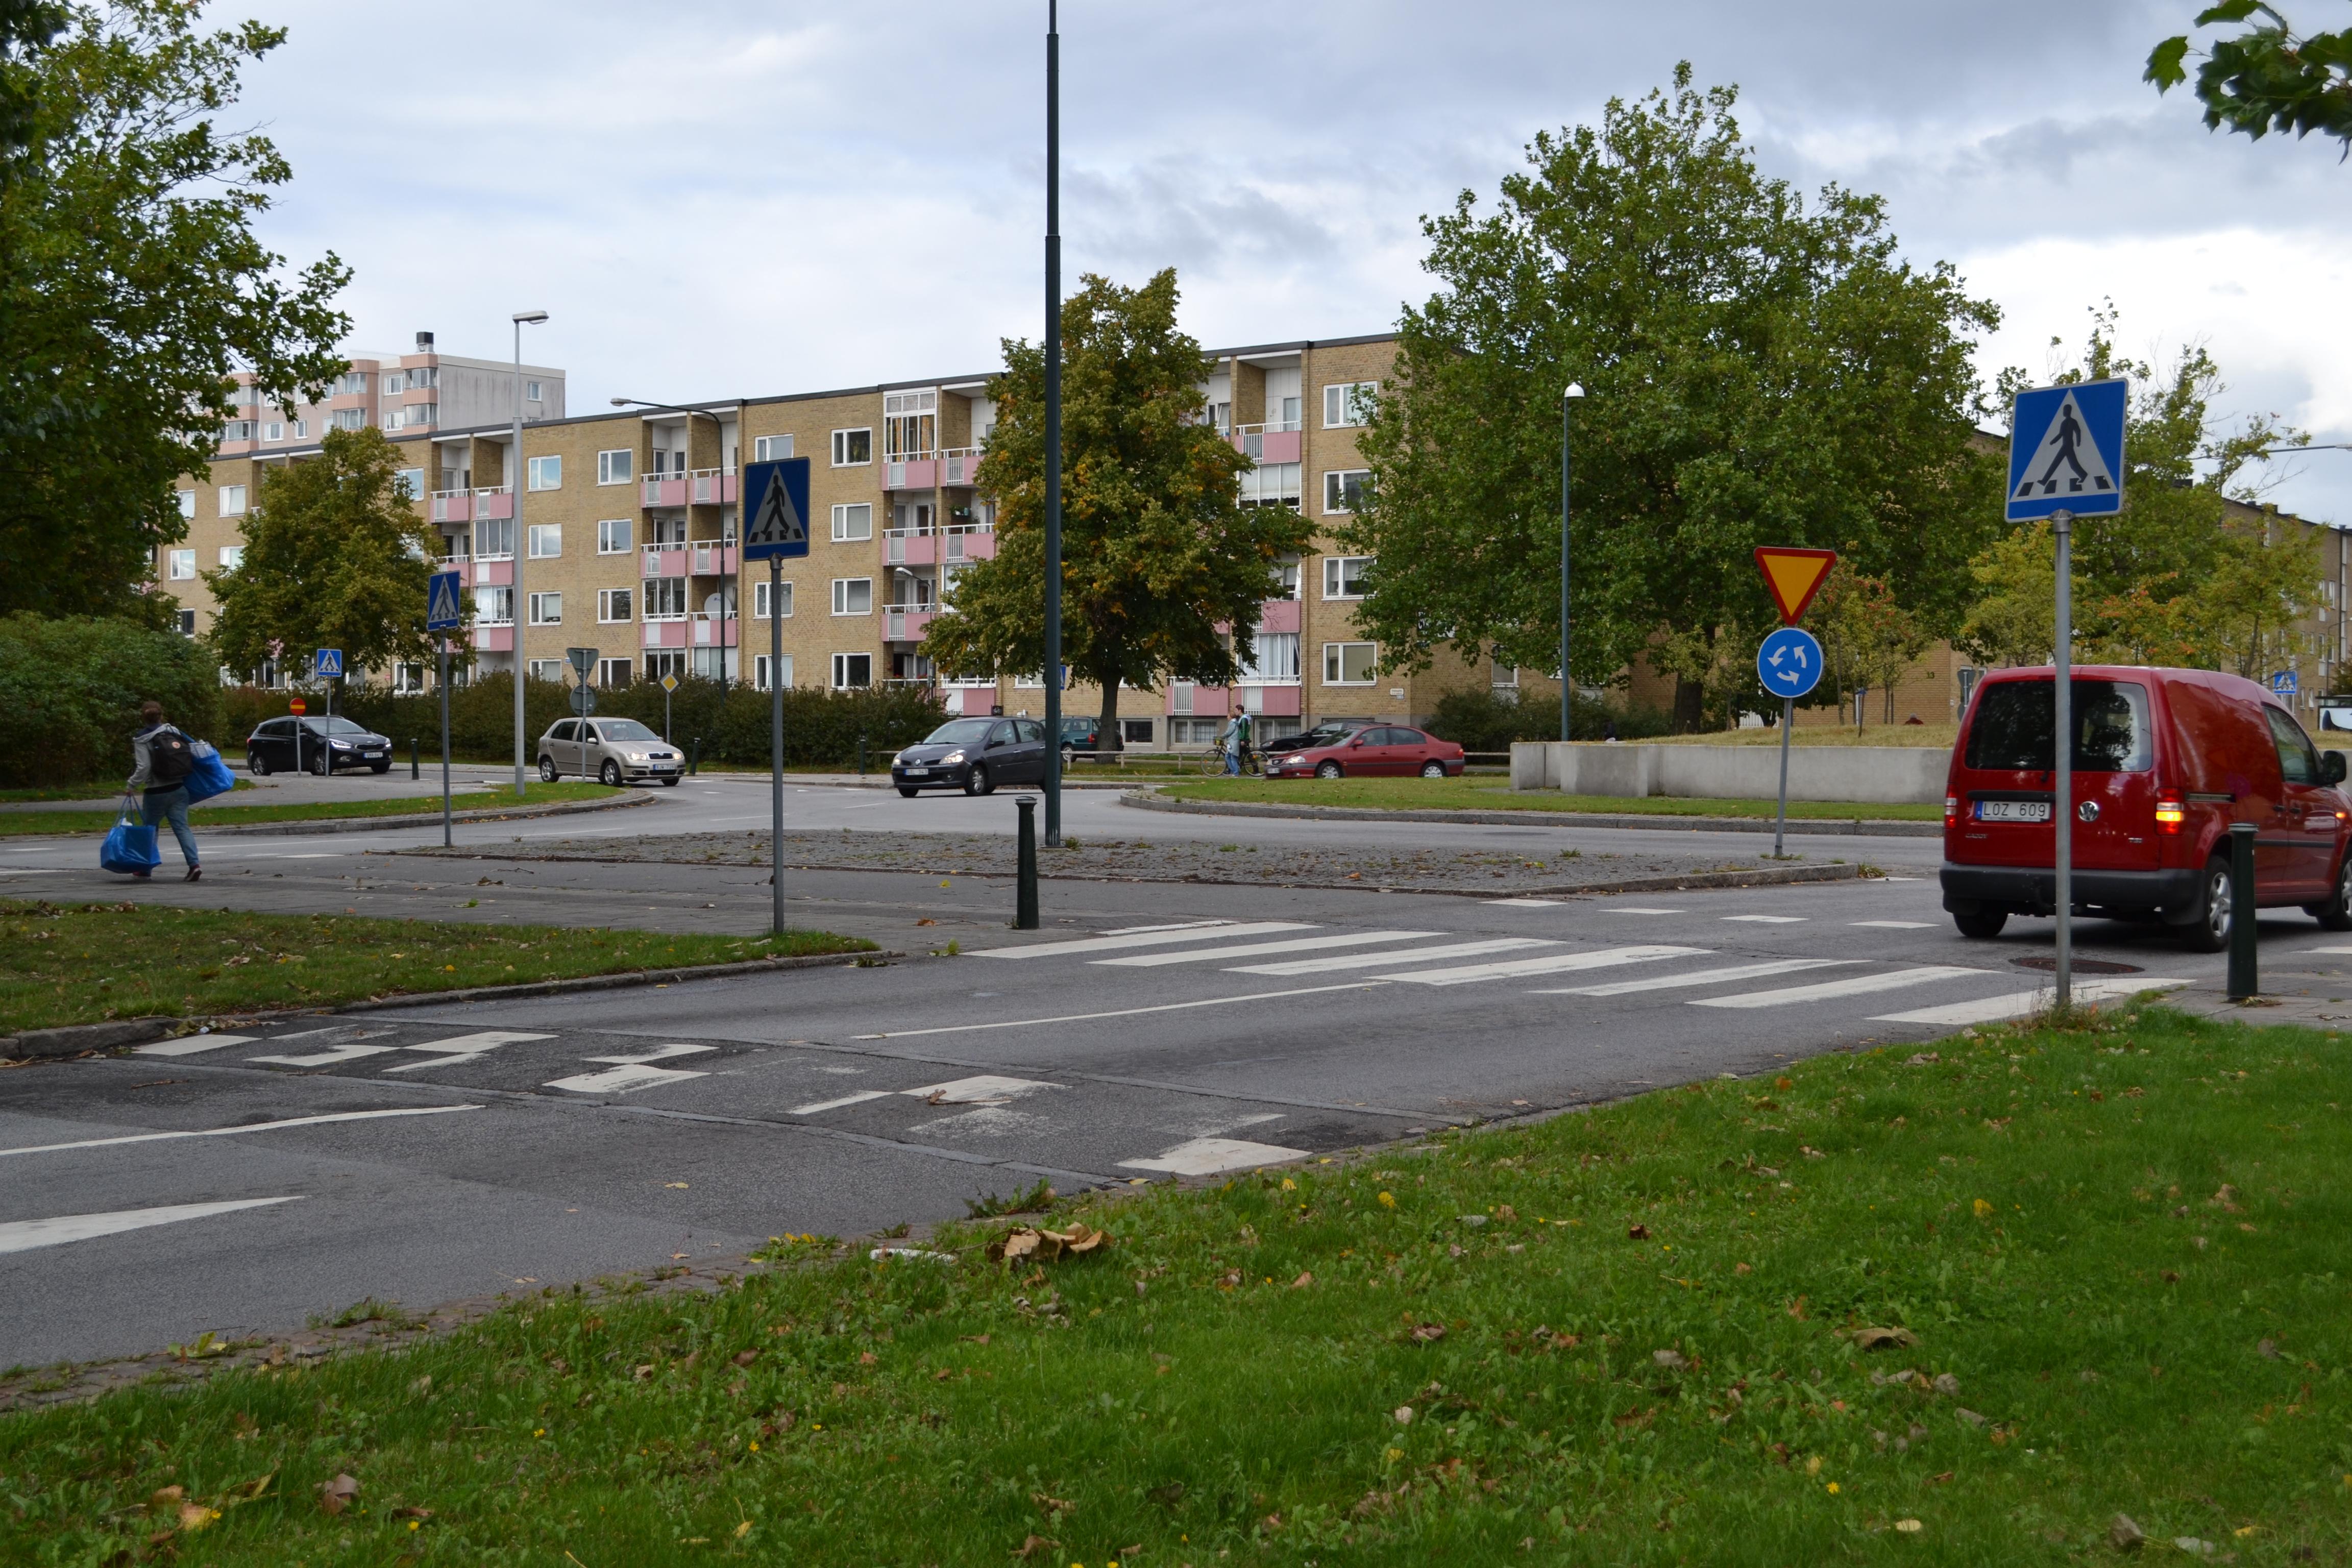 Väjningsplikt efter cykelpassage